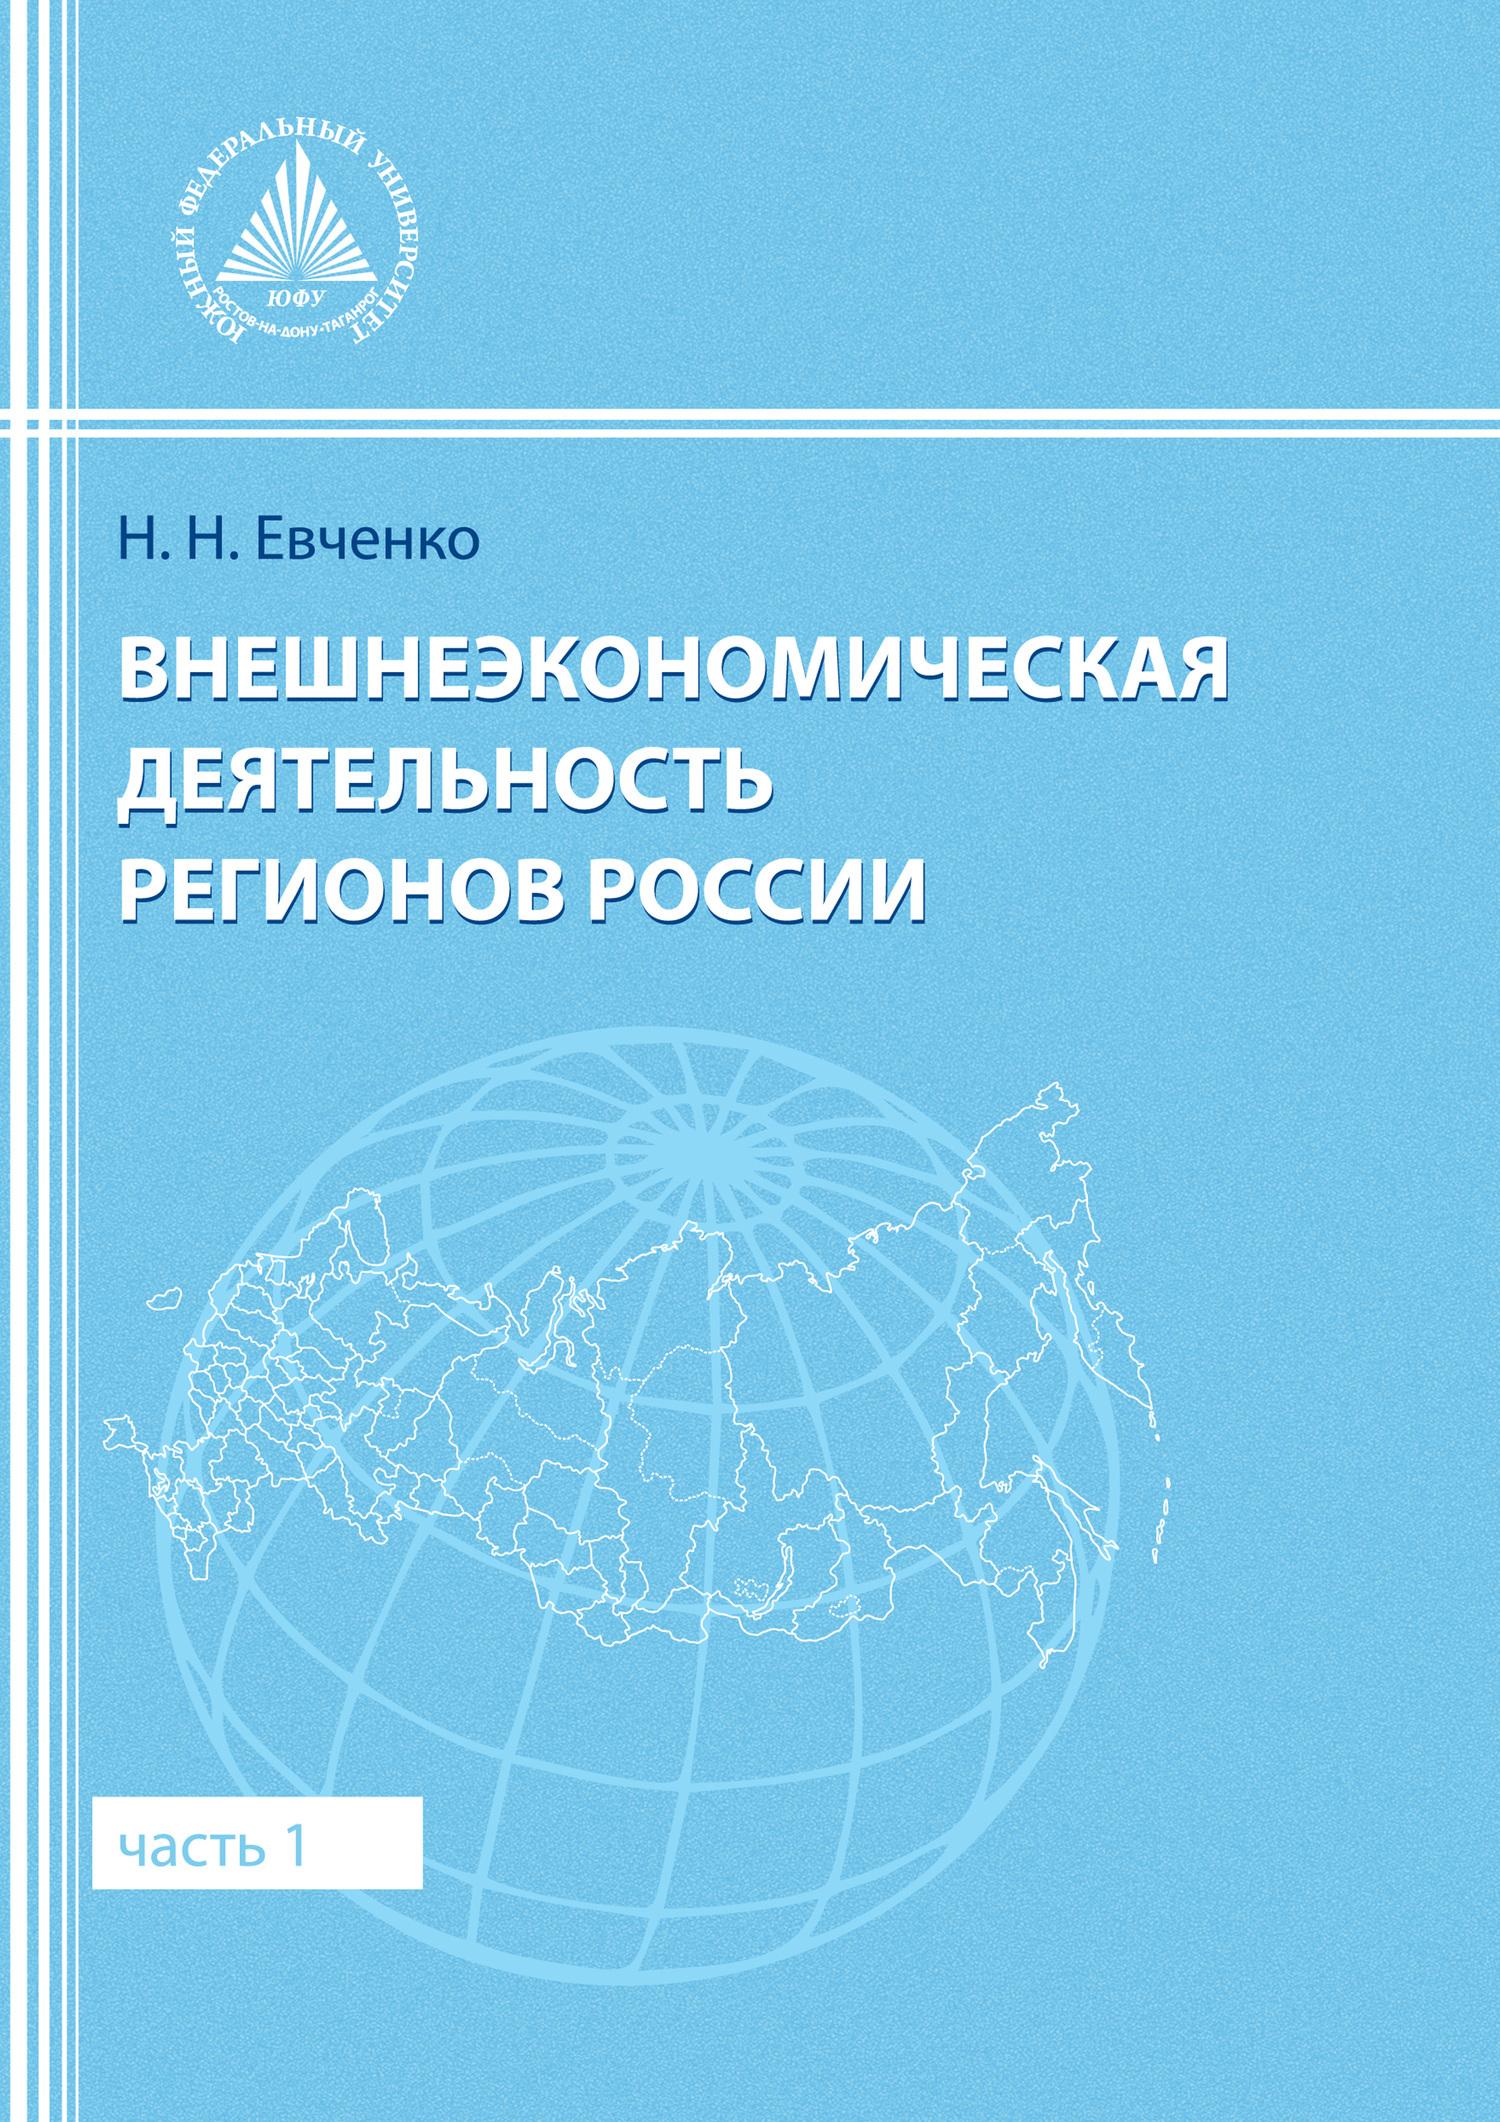 Н. Н. Евченко Внешнеэкономическая деятельность регионов России. Часть 1